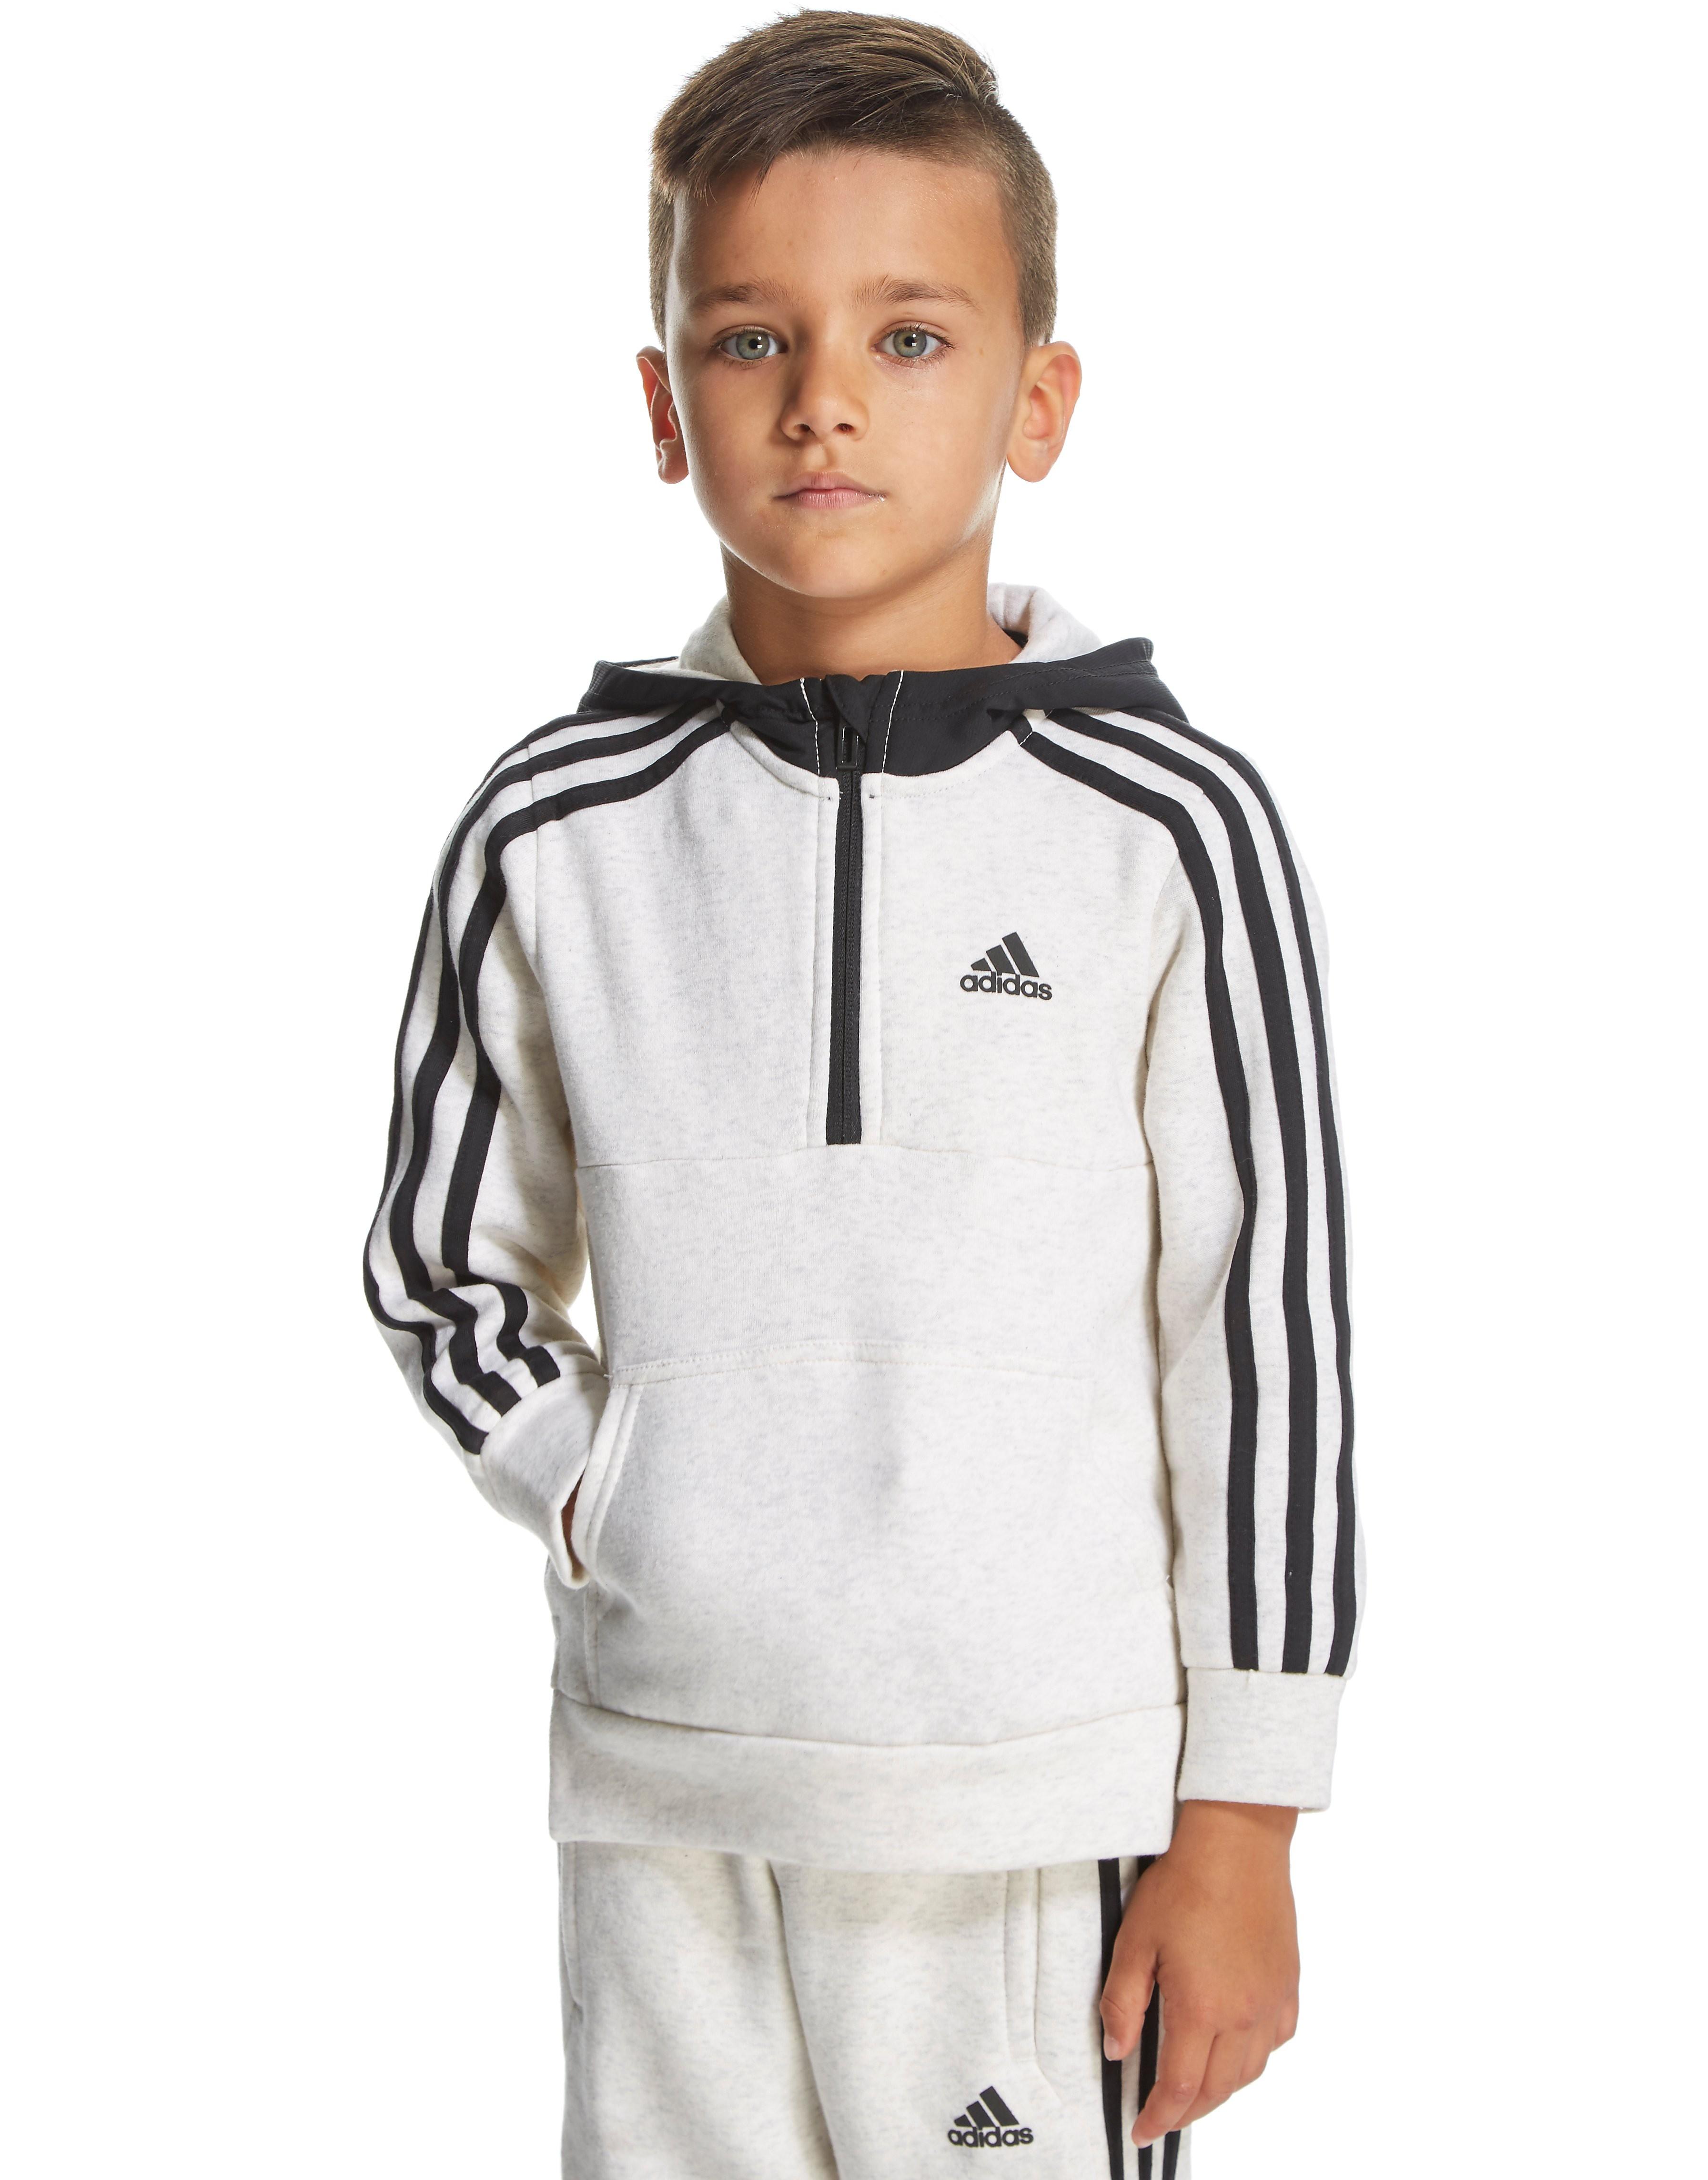 adidas Linear Half Zip Hoody Children